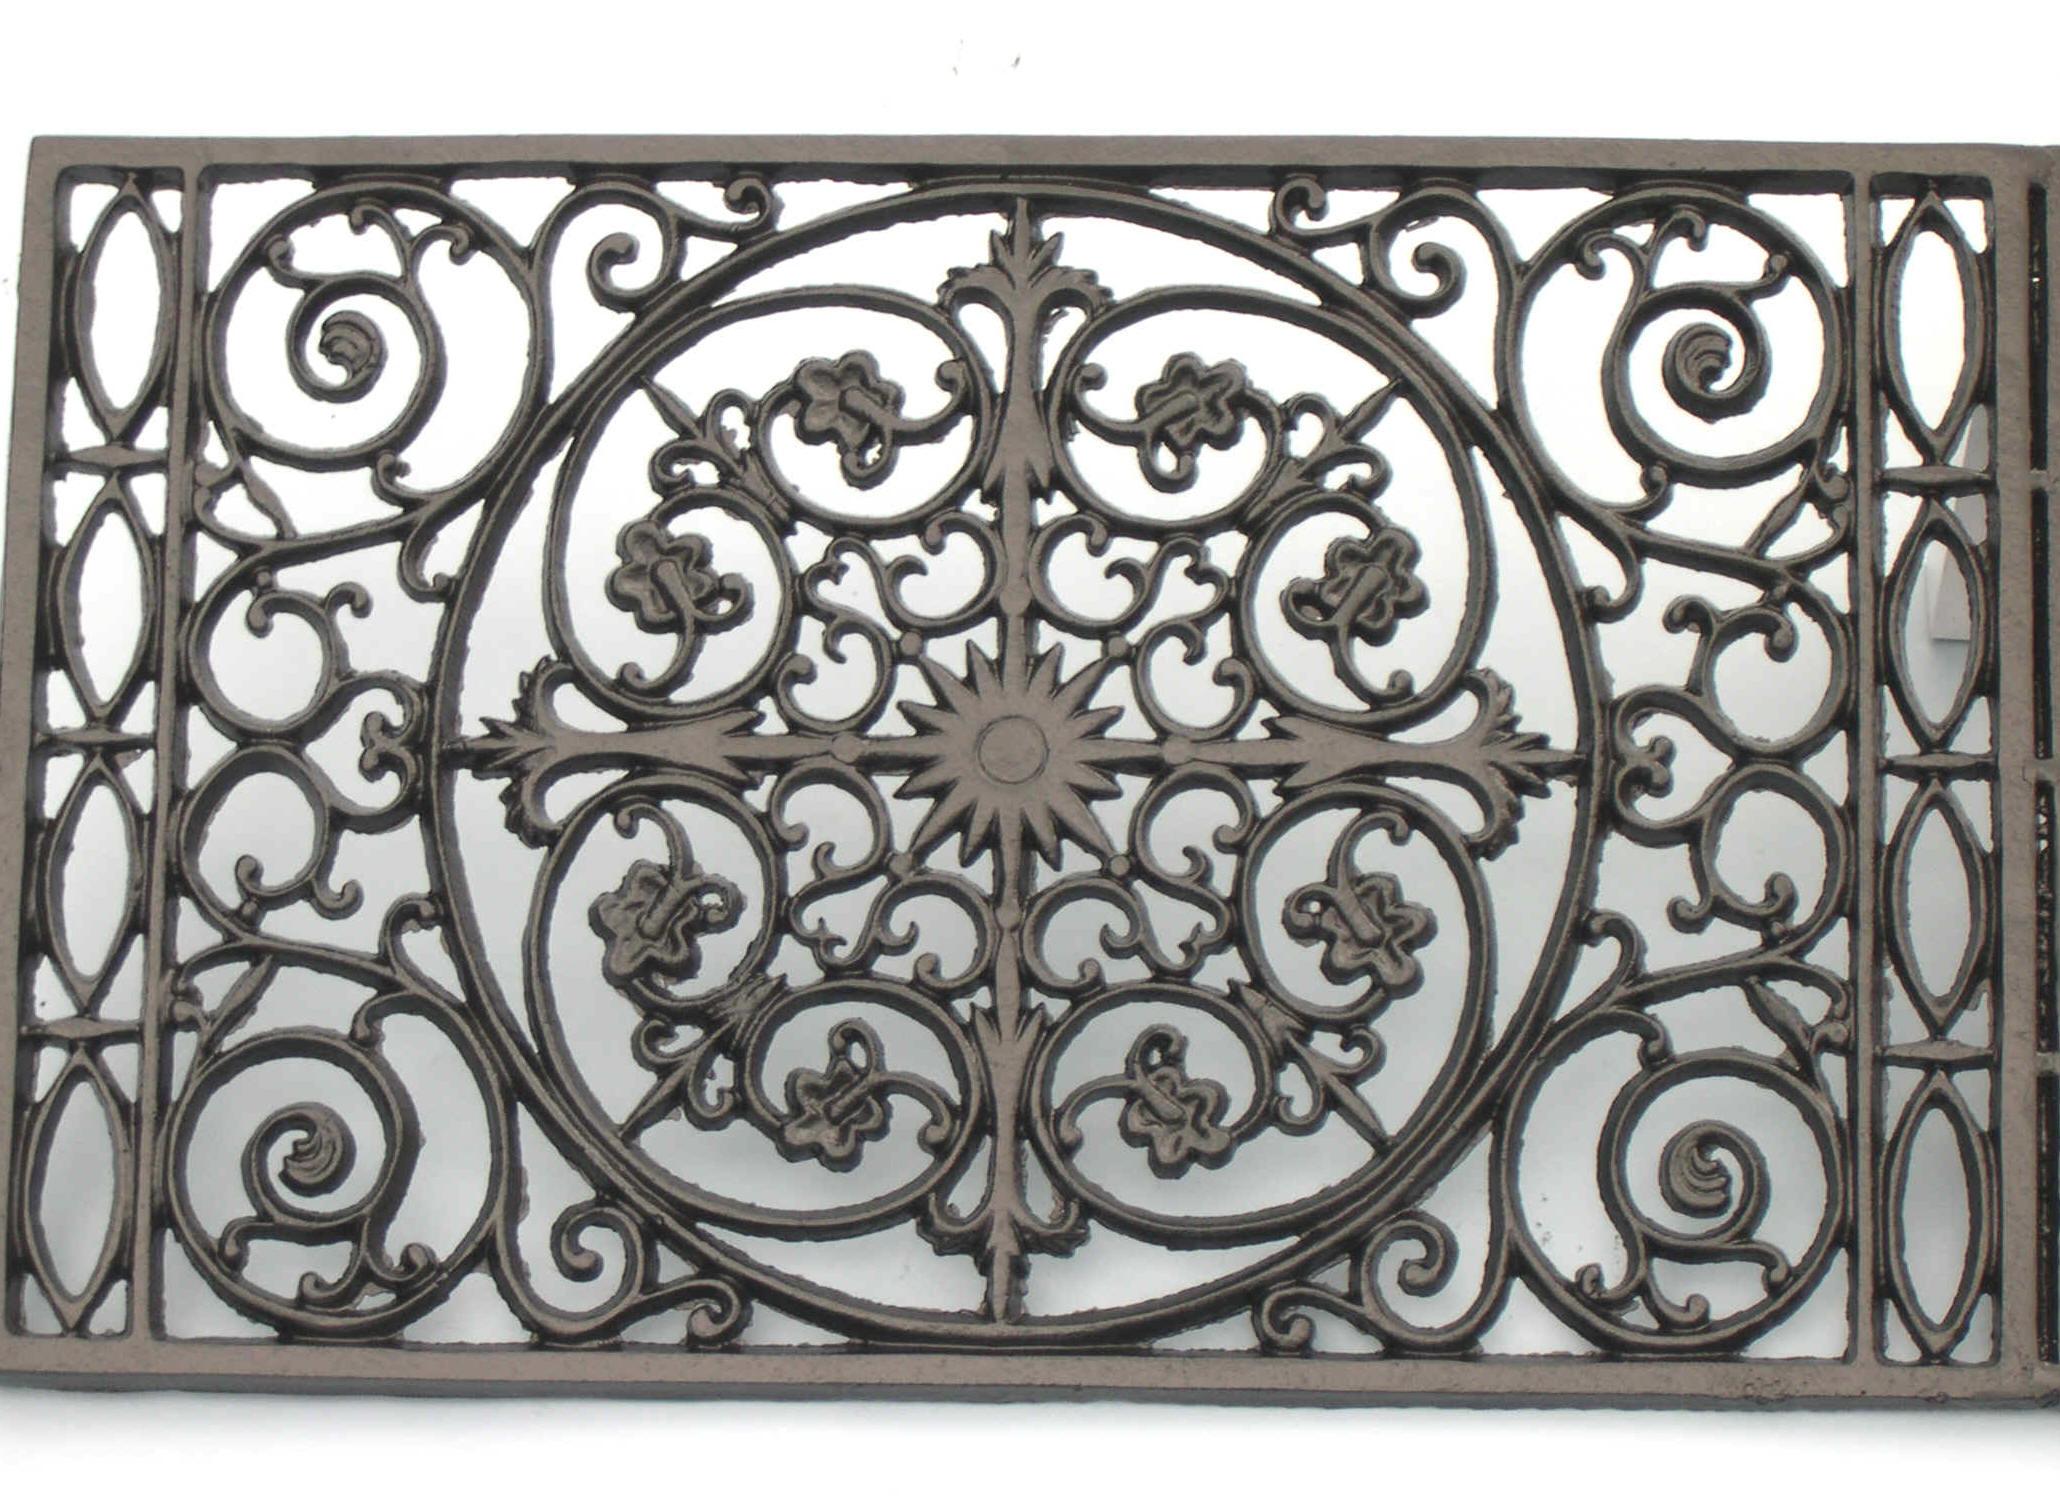 Cast iron front door